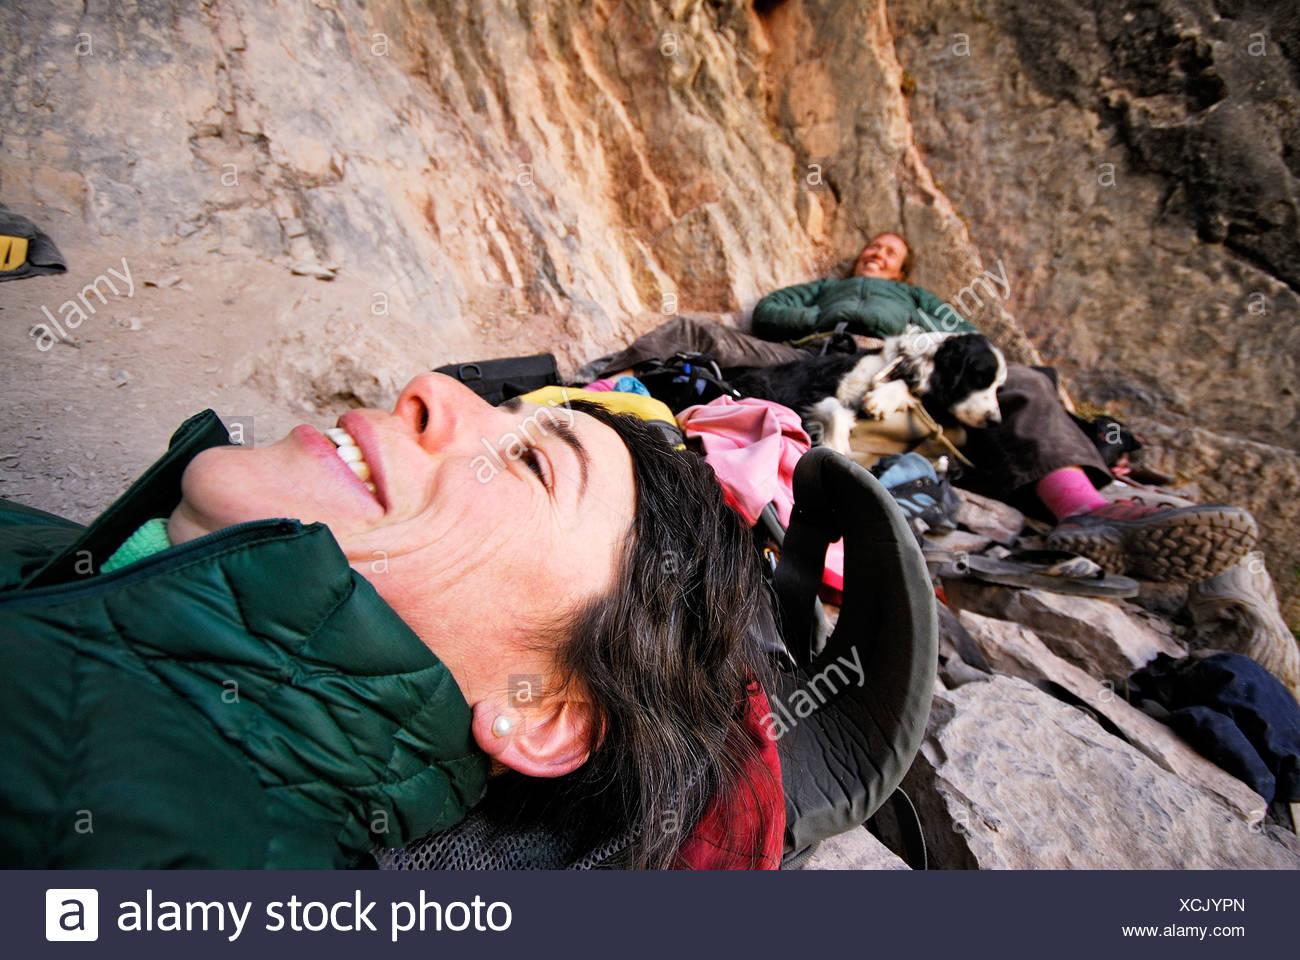 Zwei Kletterer hinlegen und entspannen Sie sich am Fuße der steilen Wand. Stockbild